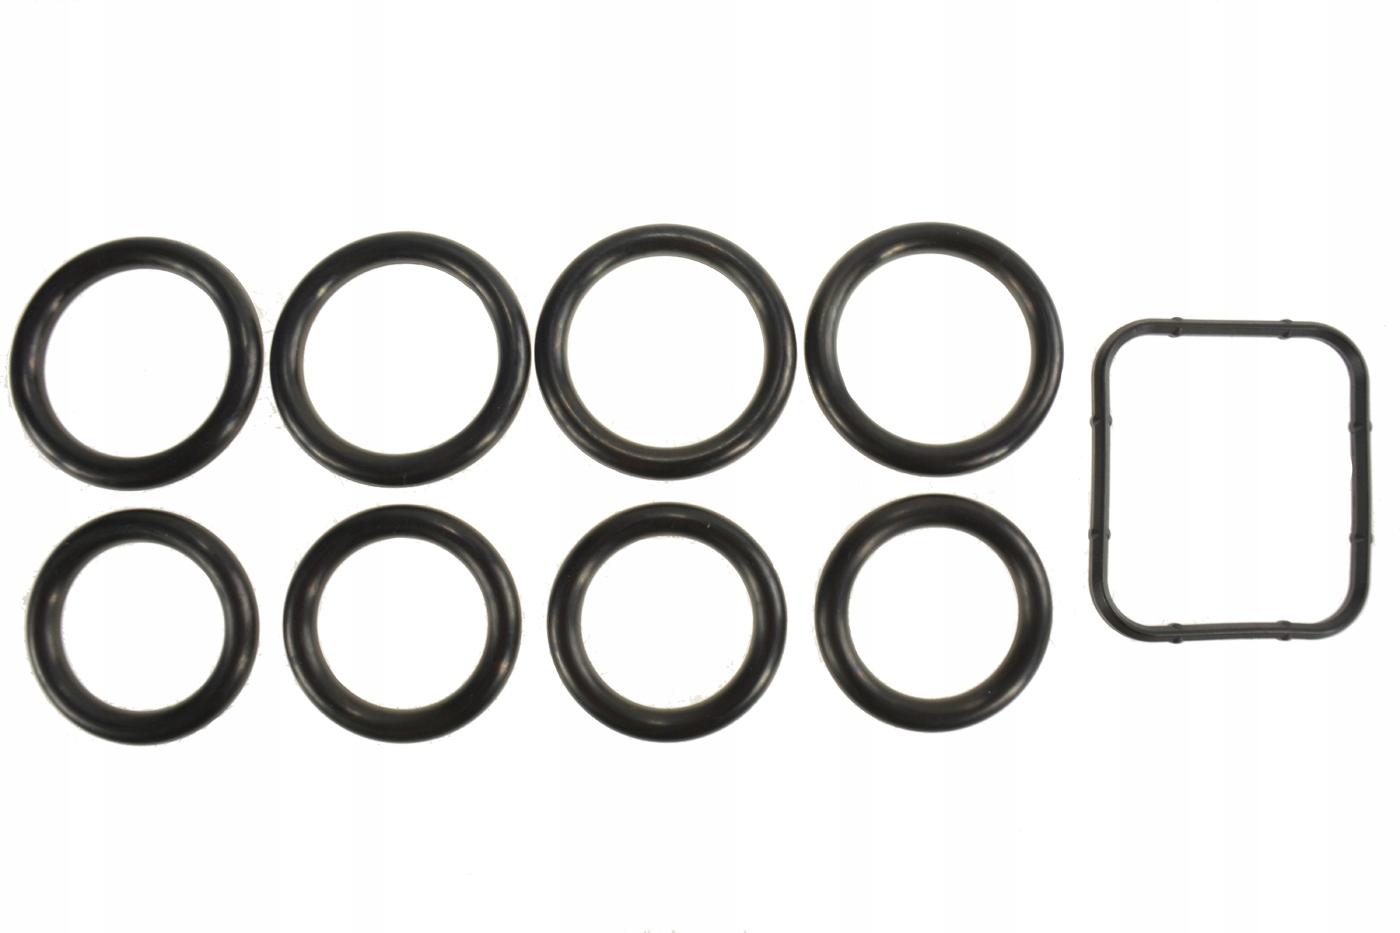 прокладки кольца коллектора коллектора 16 hdi tdci ди